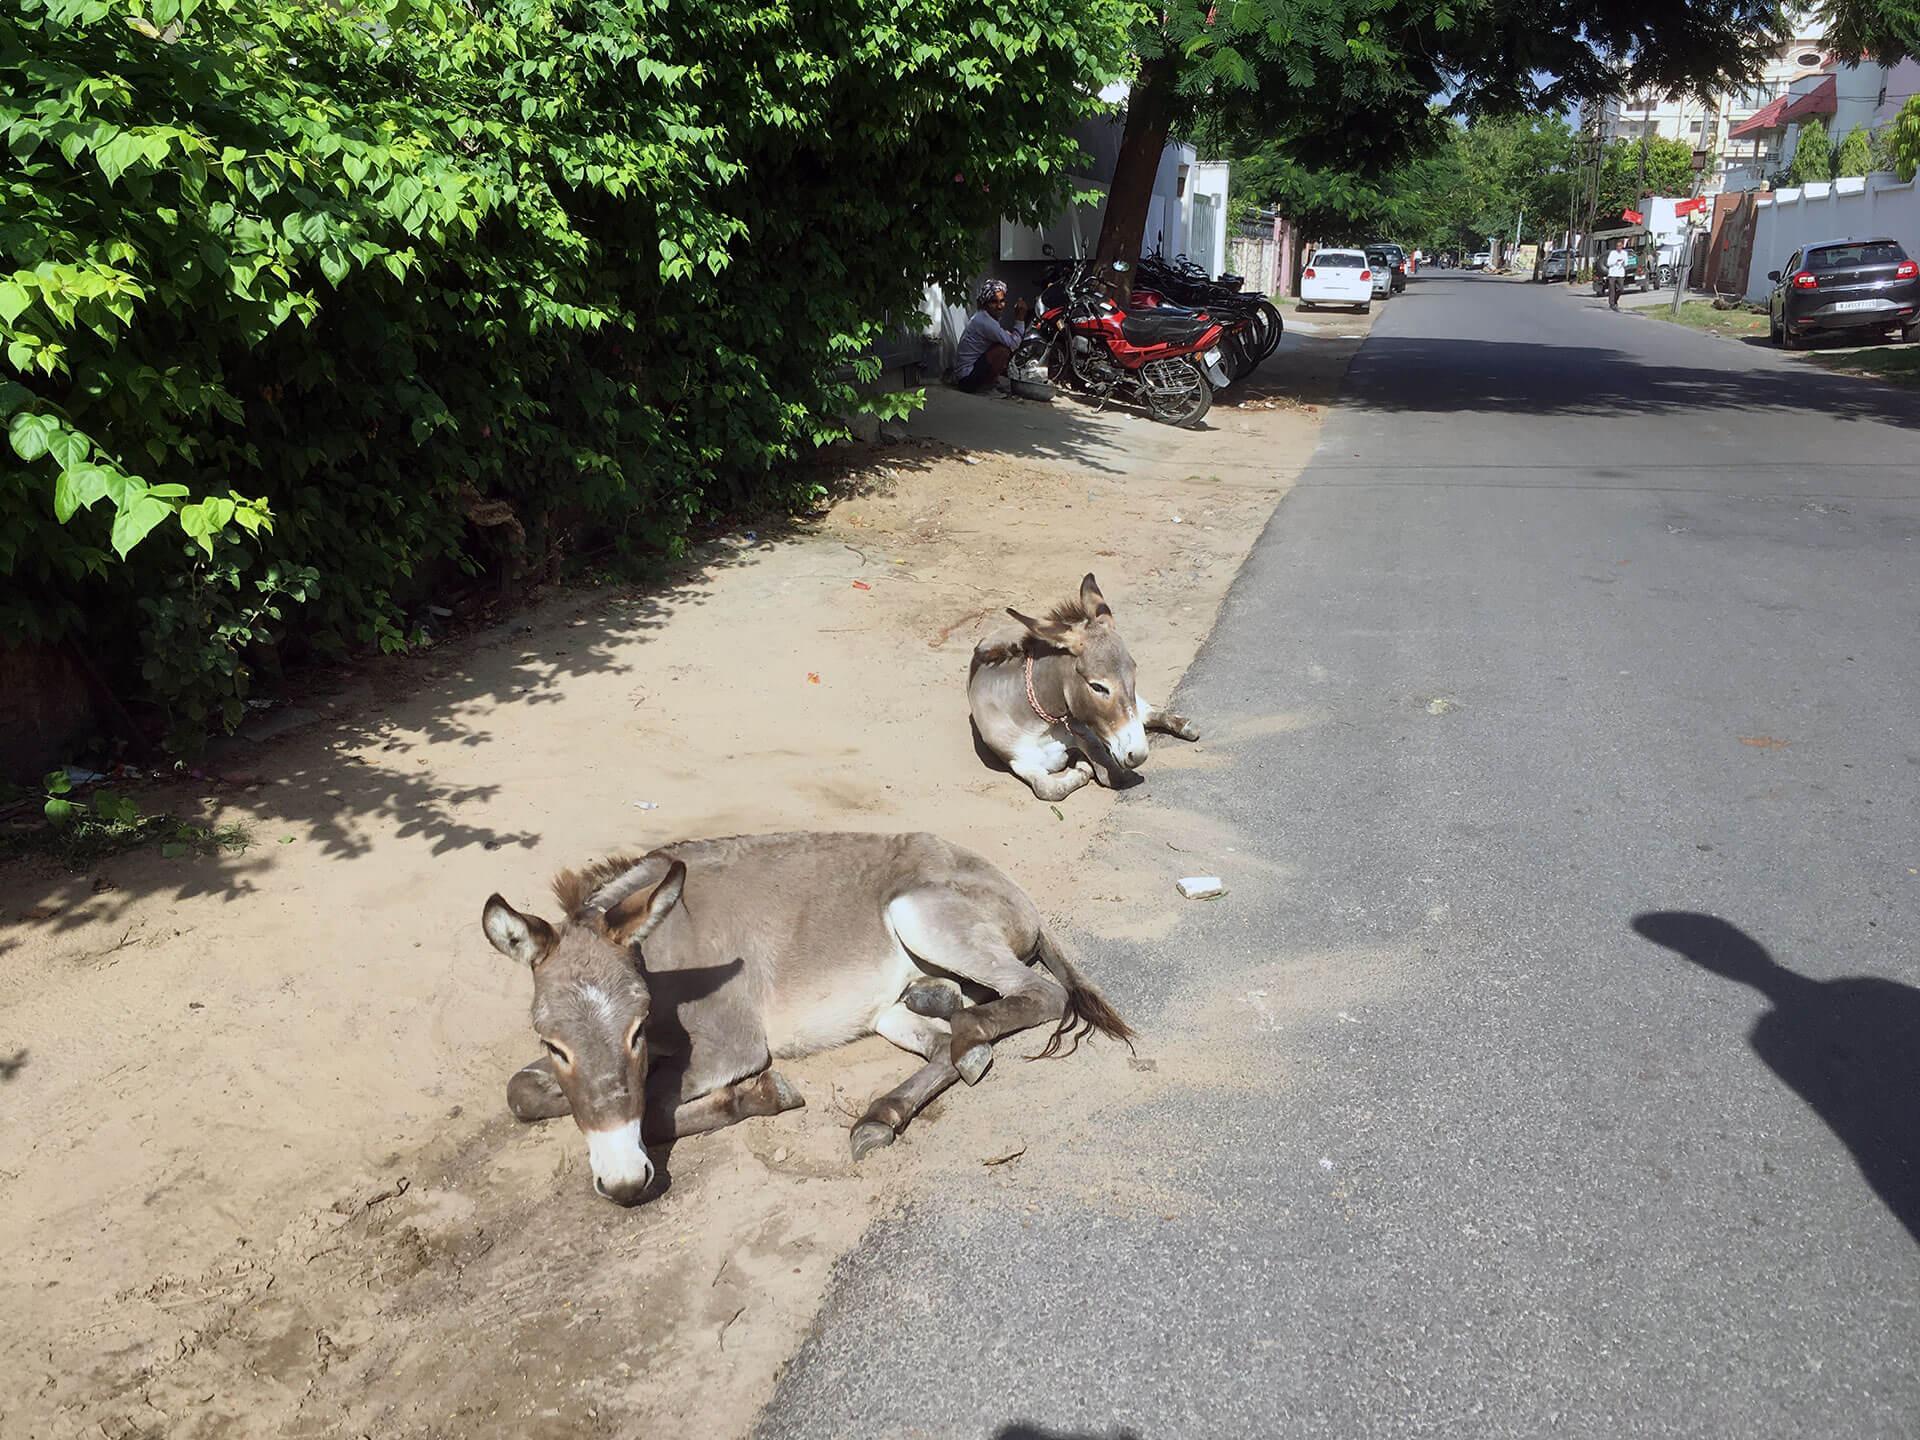 Esel auf der Straße von Jaipur